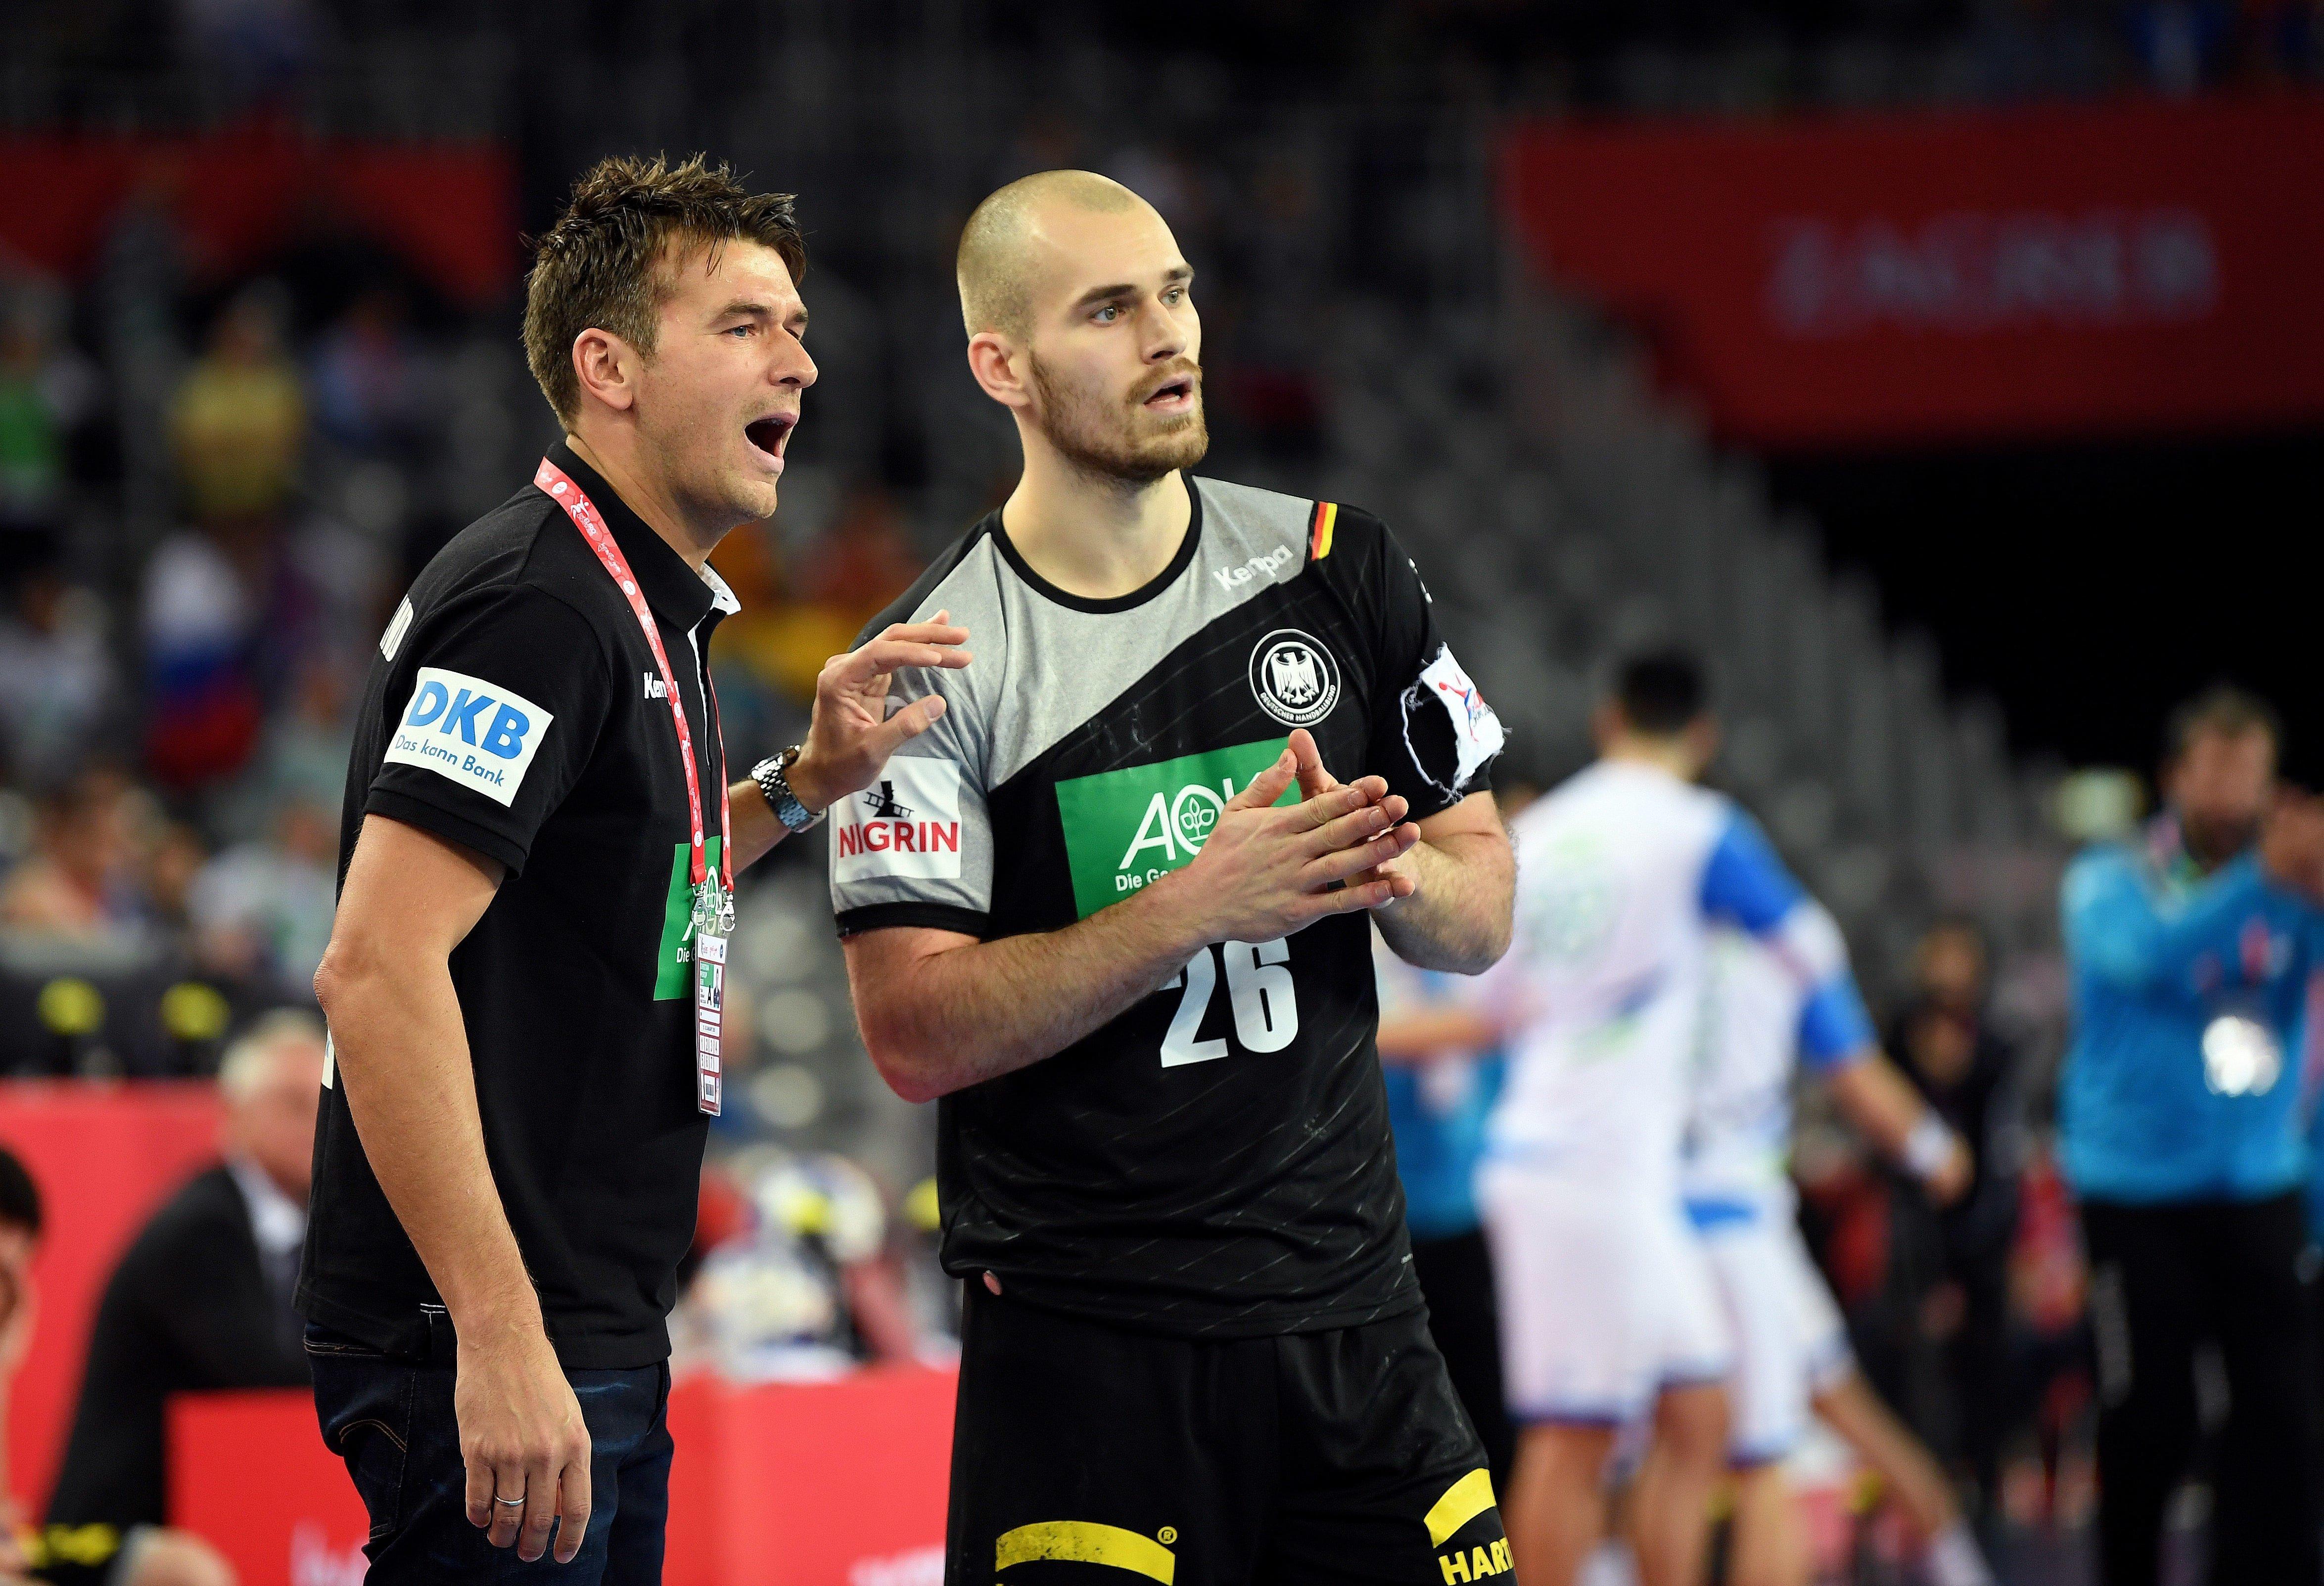 Favoriten geschlagen: Spanien und Schweden im Handball-EM-Finale